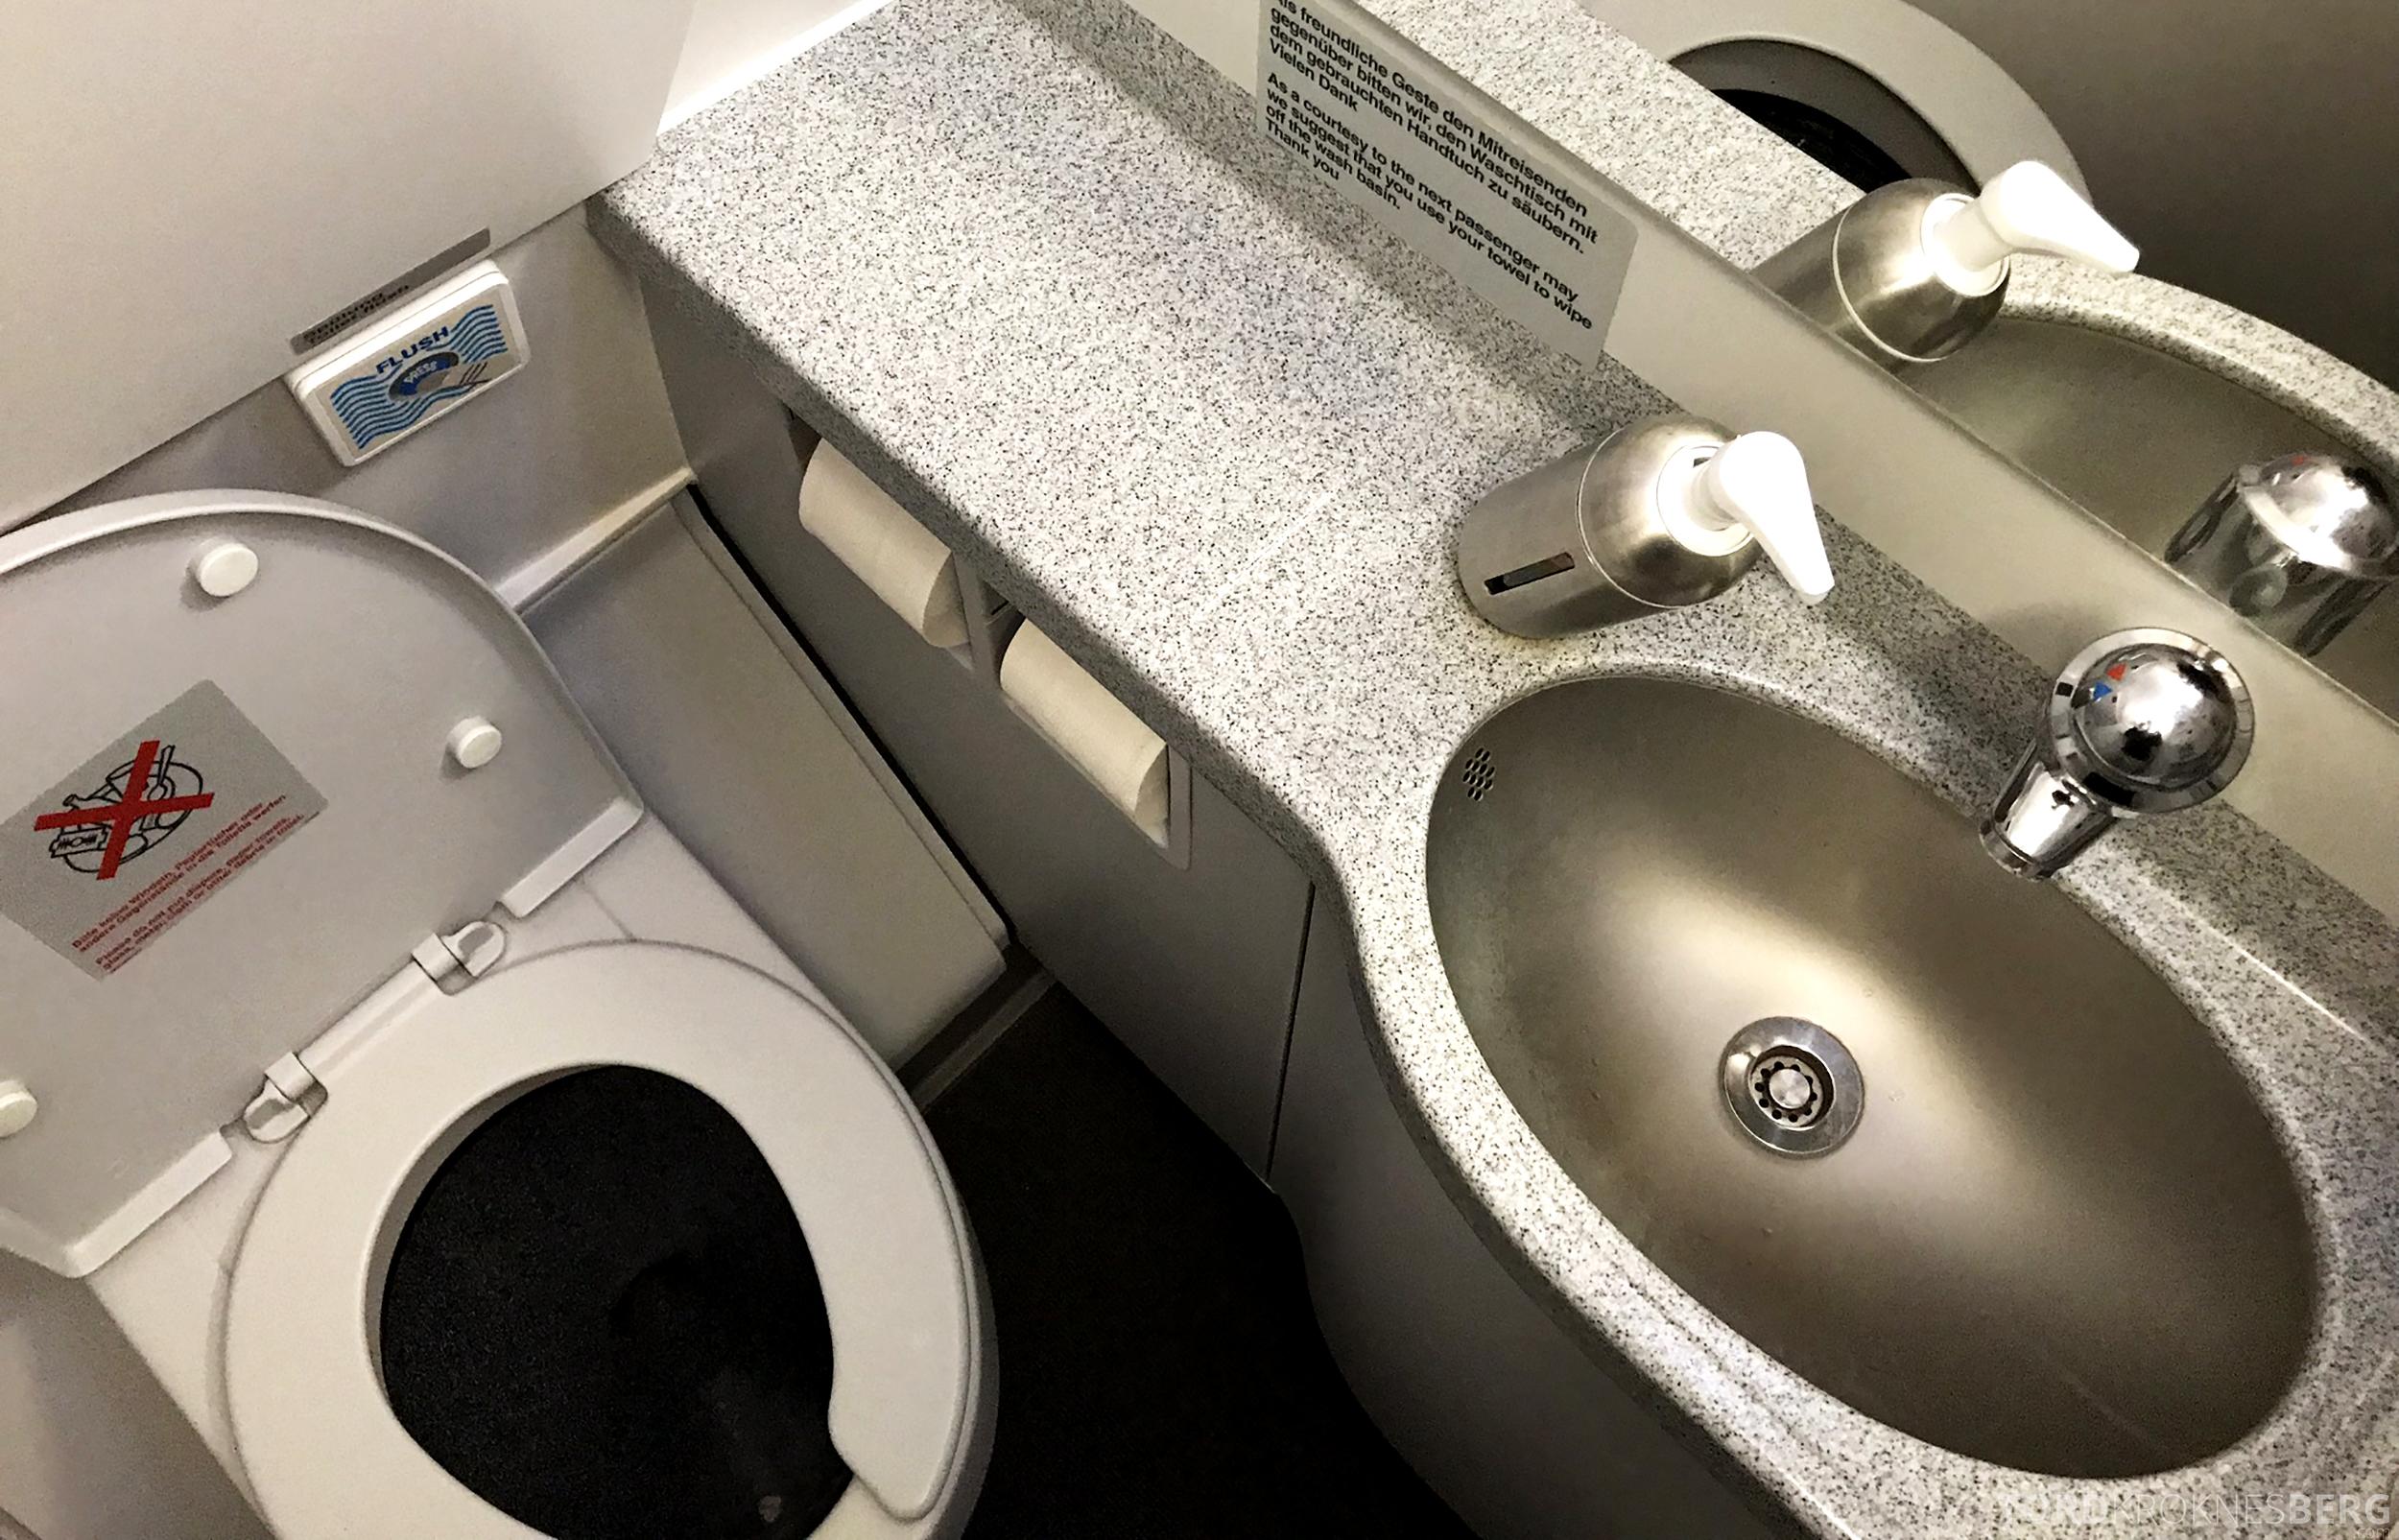 Lufthansa Business Class Oslo Rome toalett